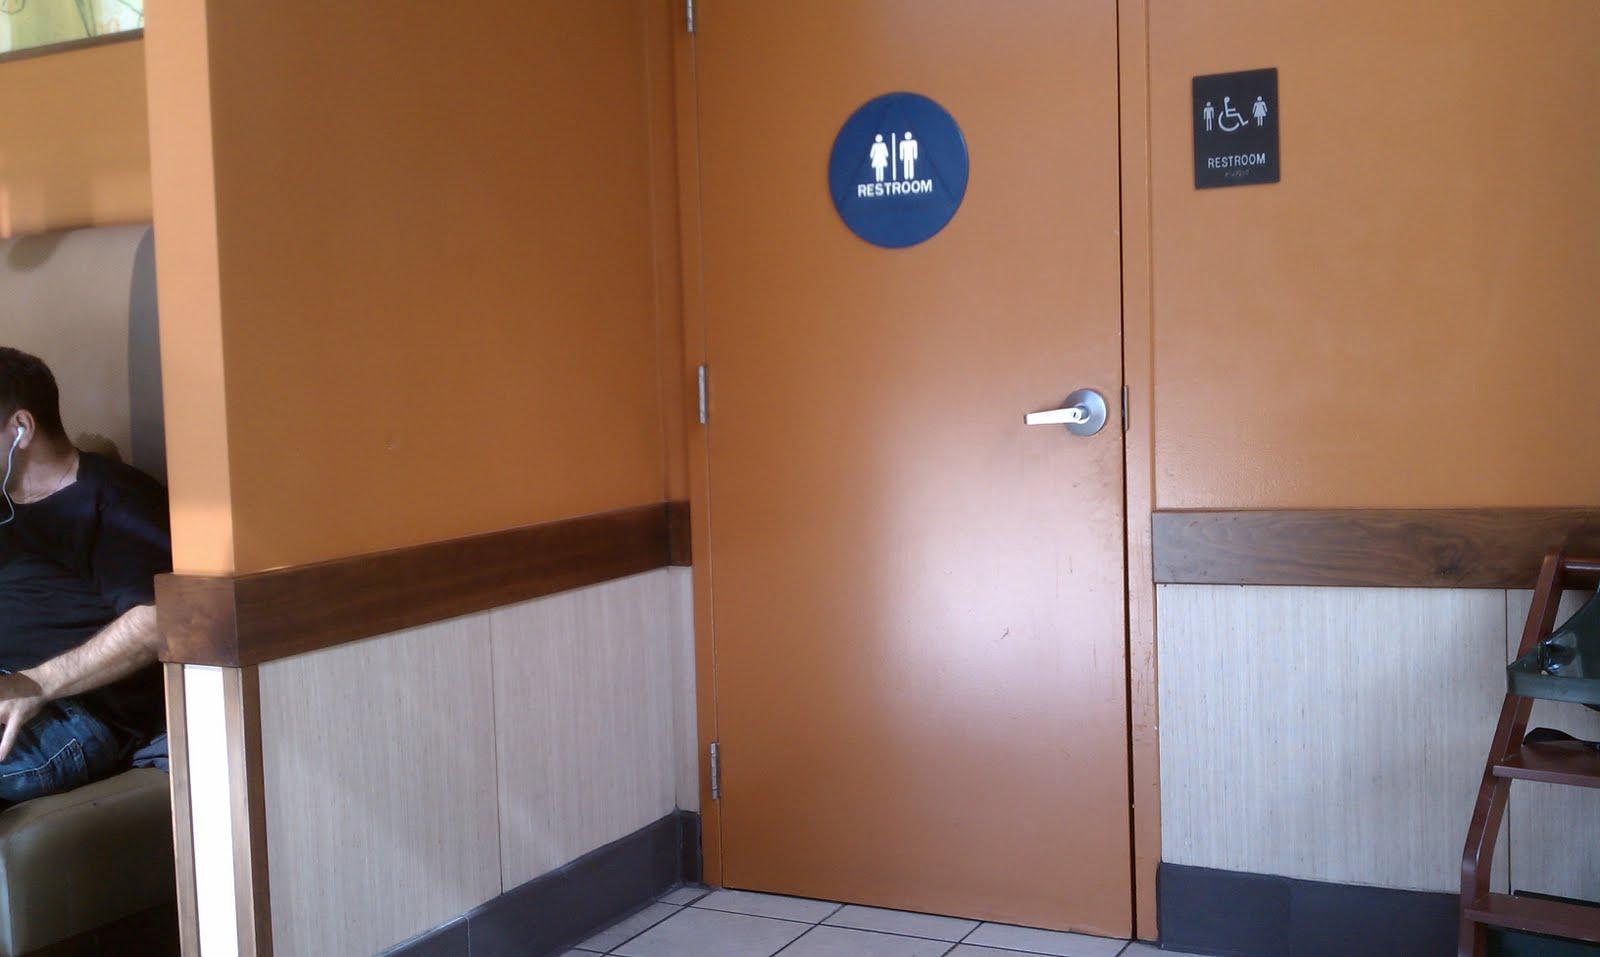 Image Gallery Starbucks restroom. Bathroom Sconces Brushed Nickel